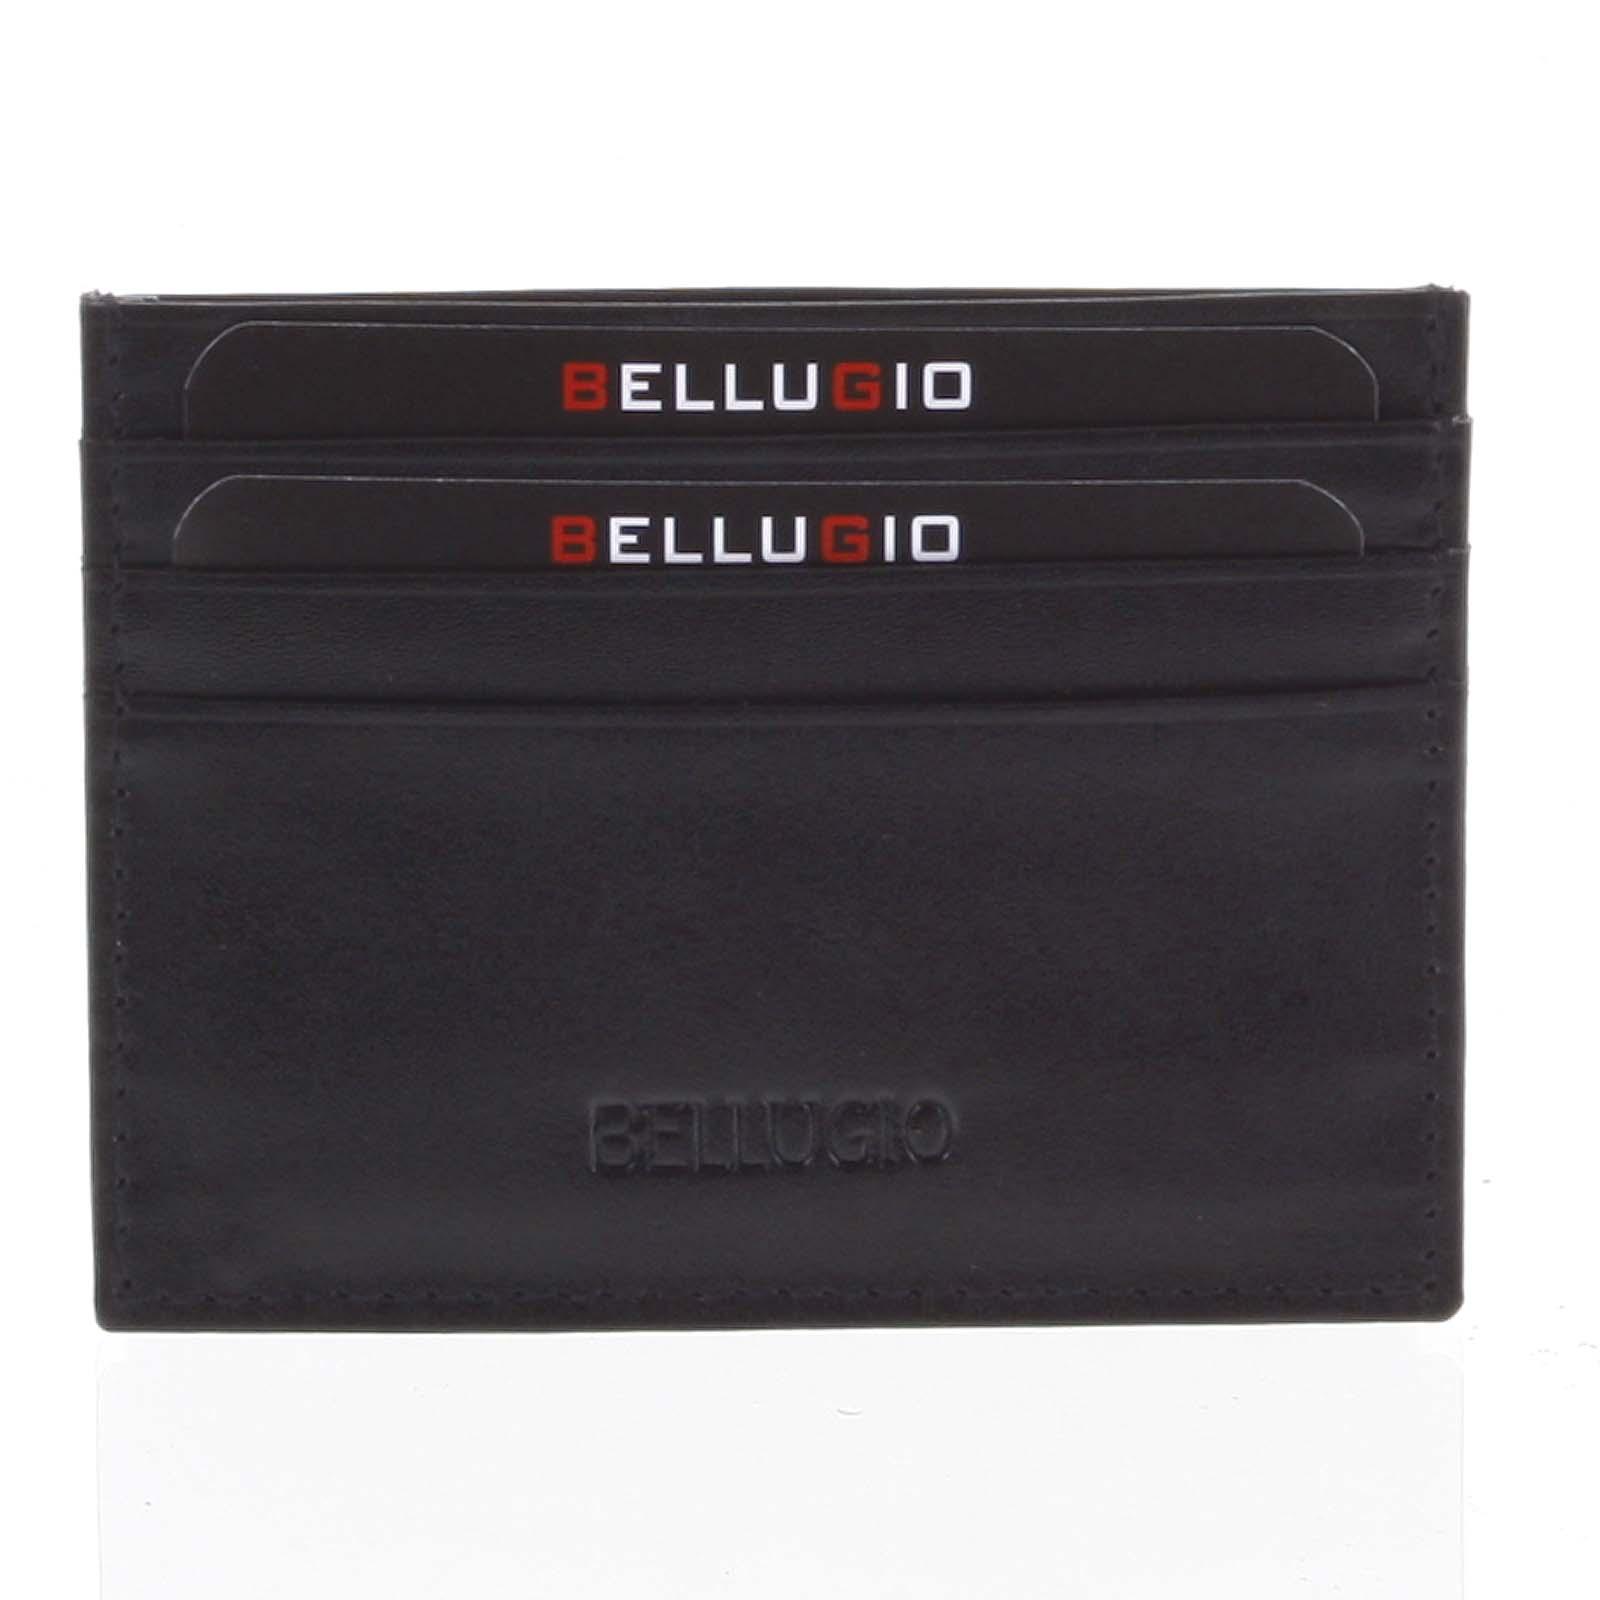 Kožené pouzdro na kreditní karty černé - Bellugio 1001